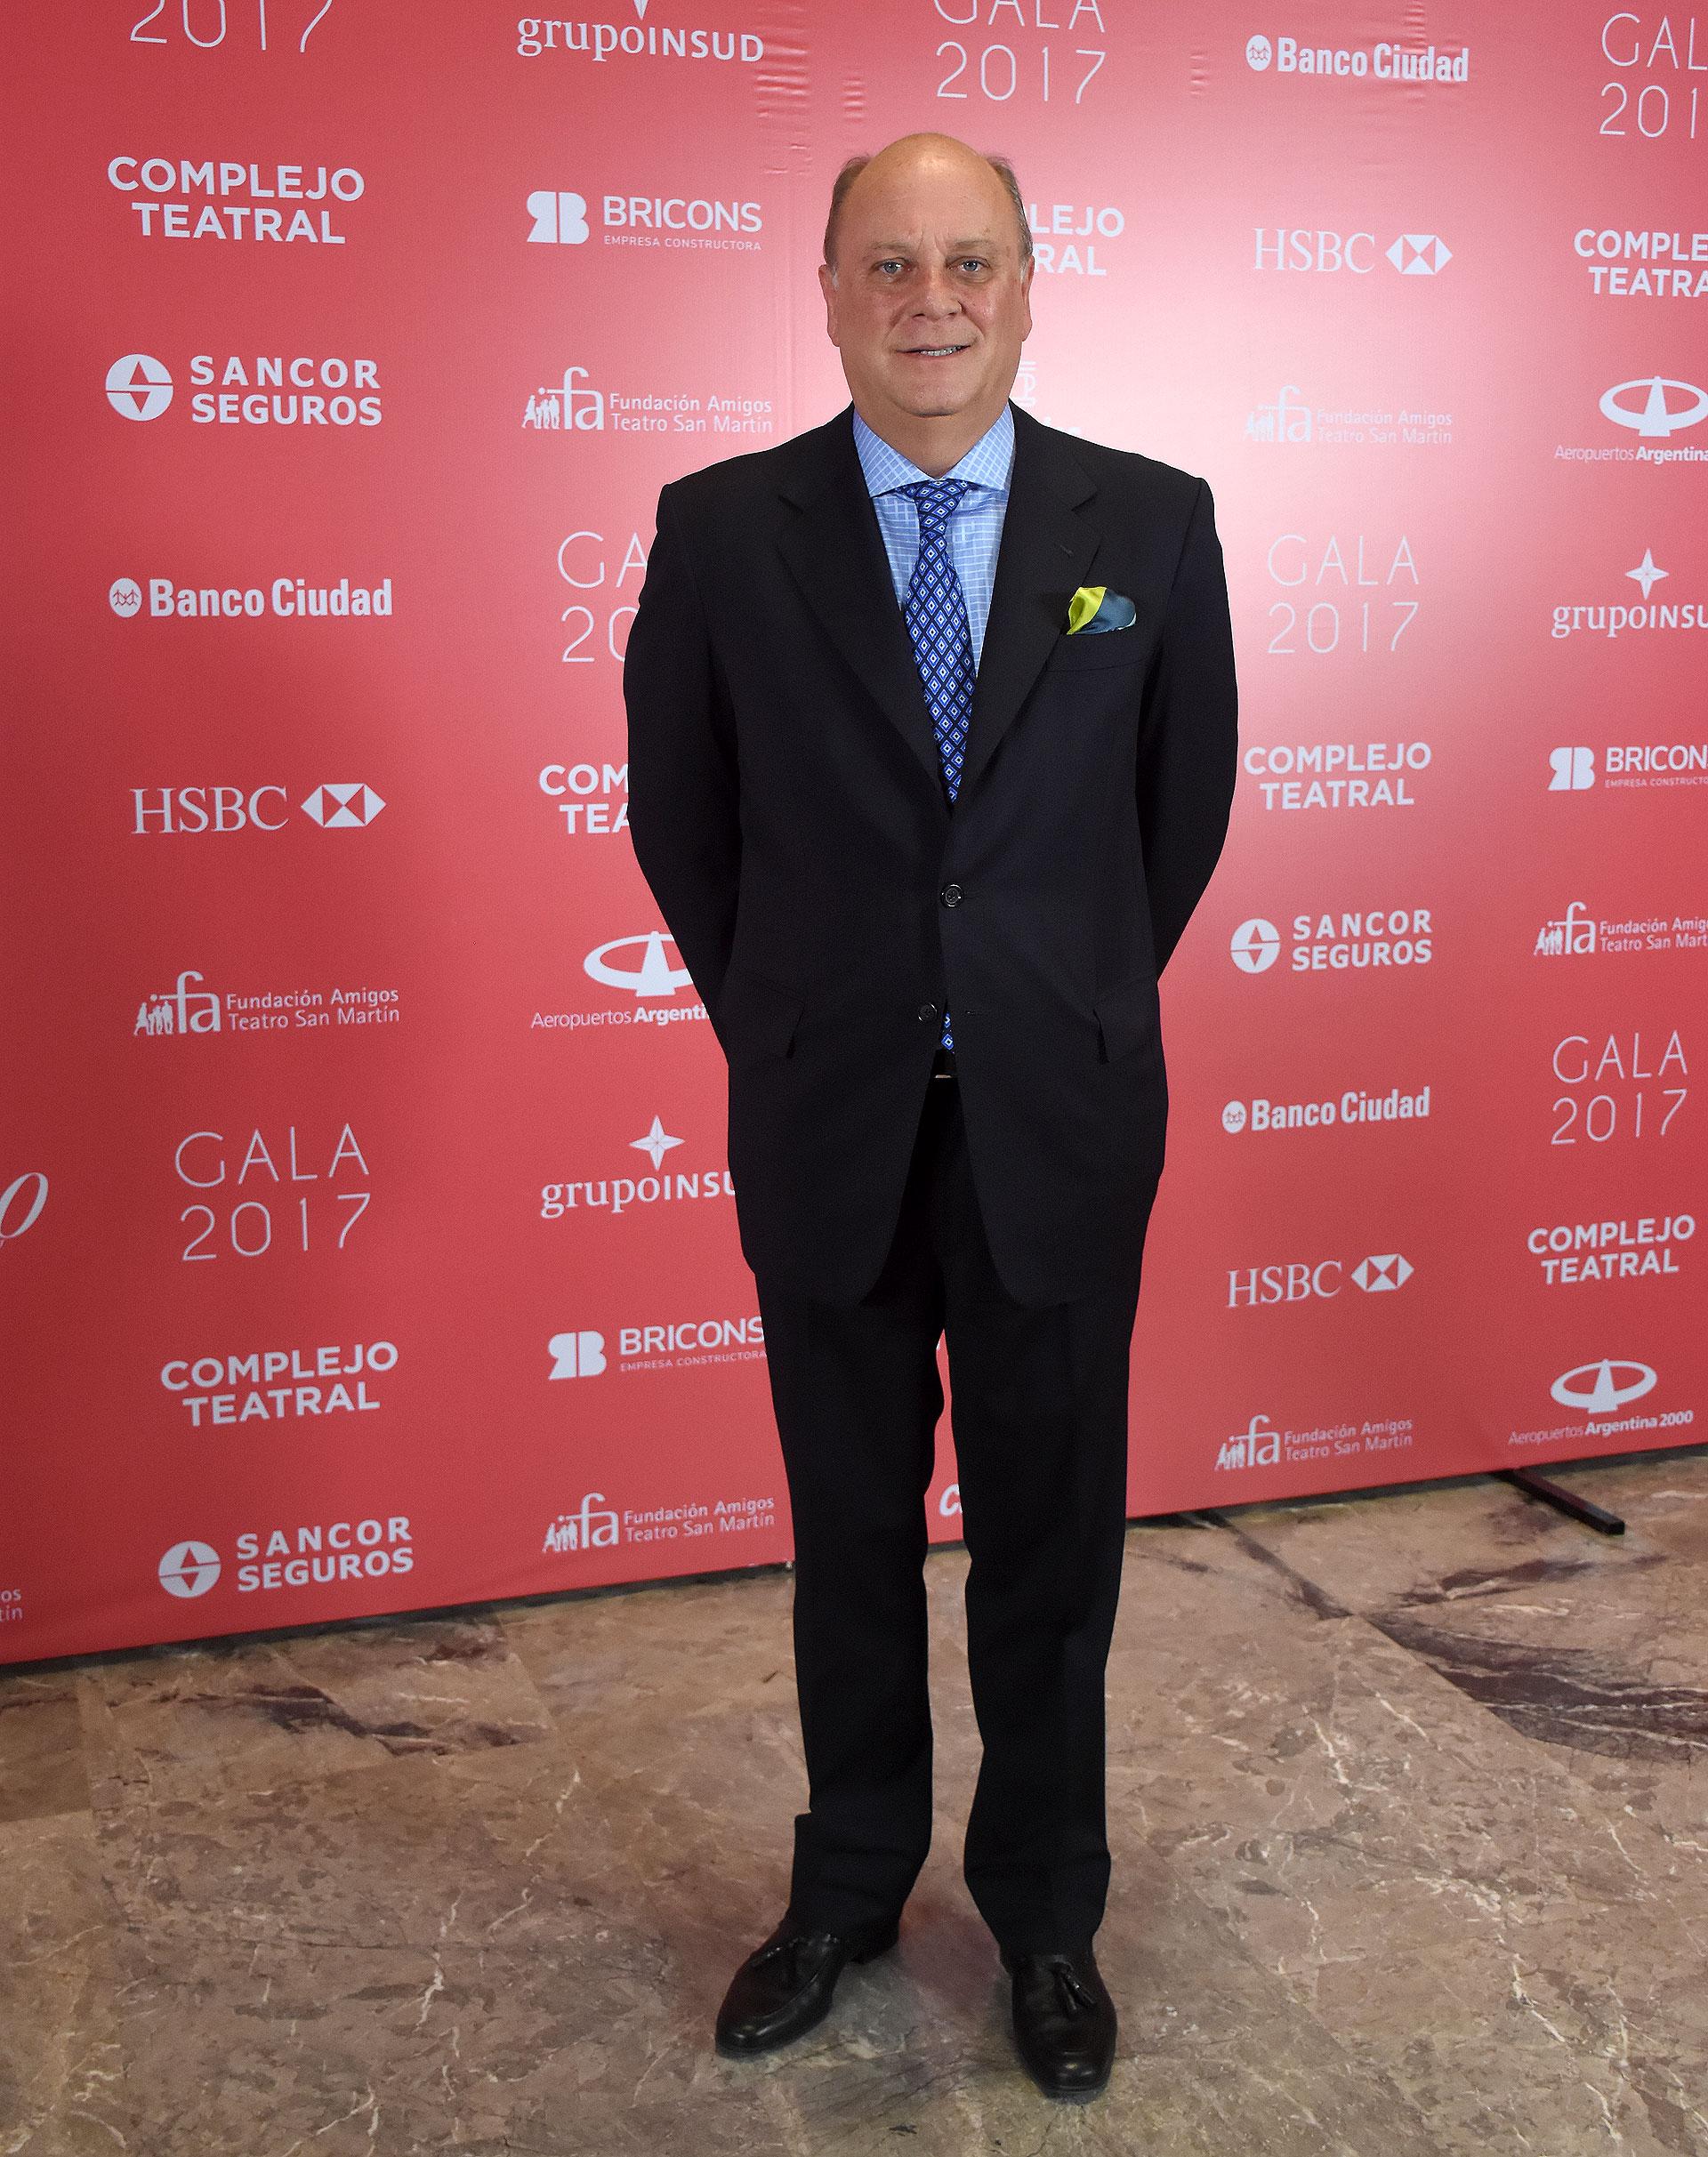 Martín Cabrales, vicepresidente de la Fundación Amigos del Teatro San Martín